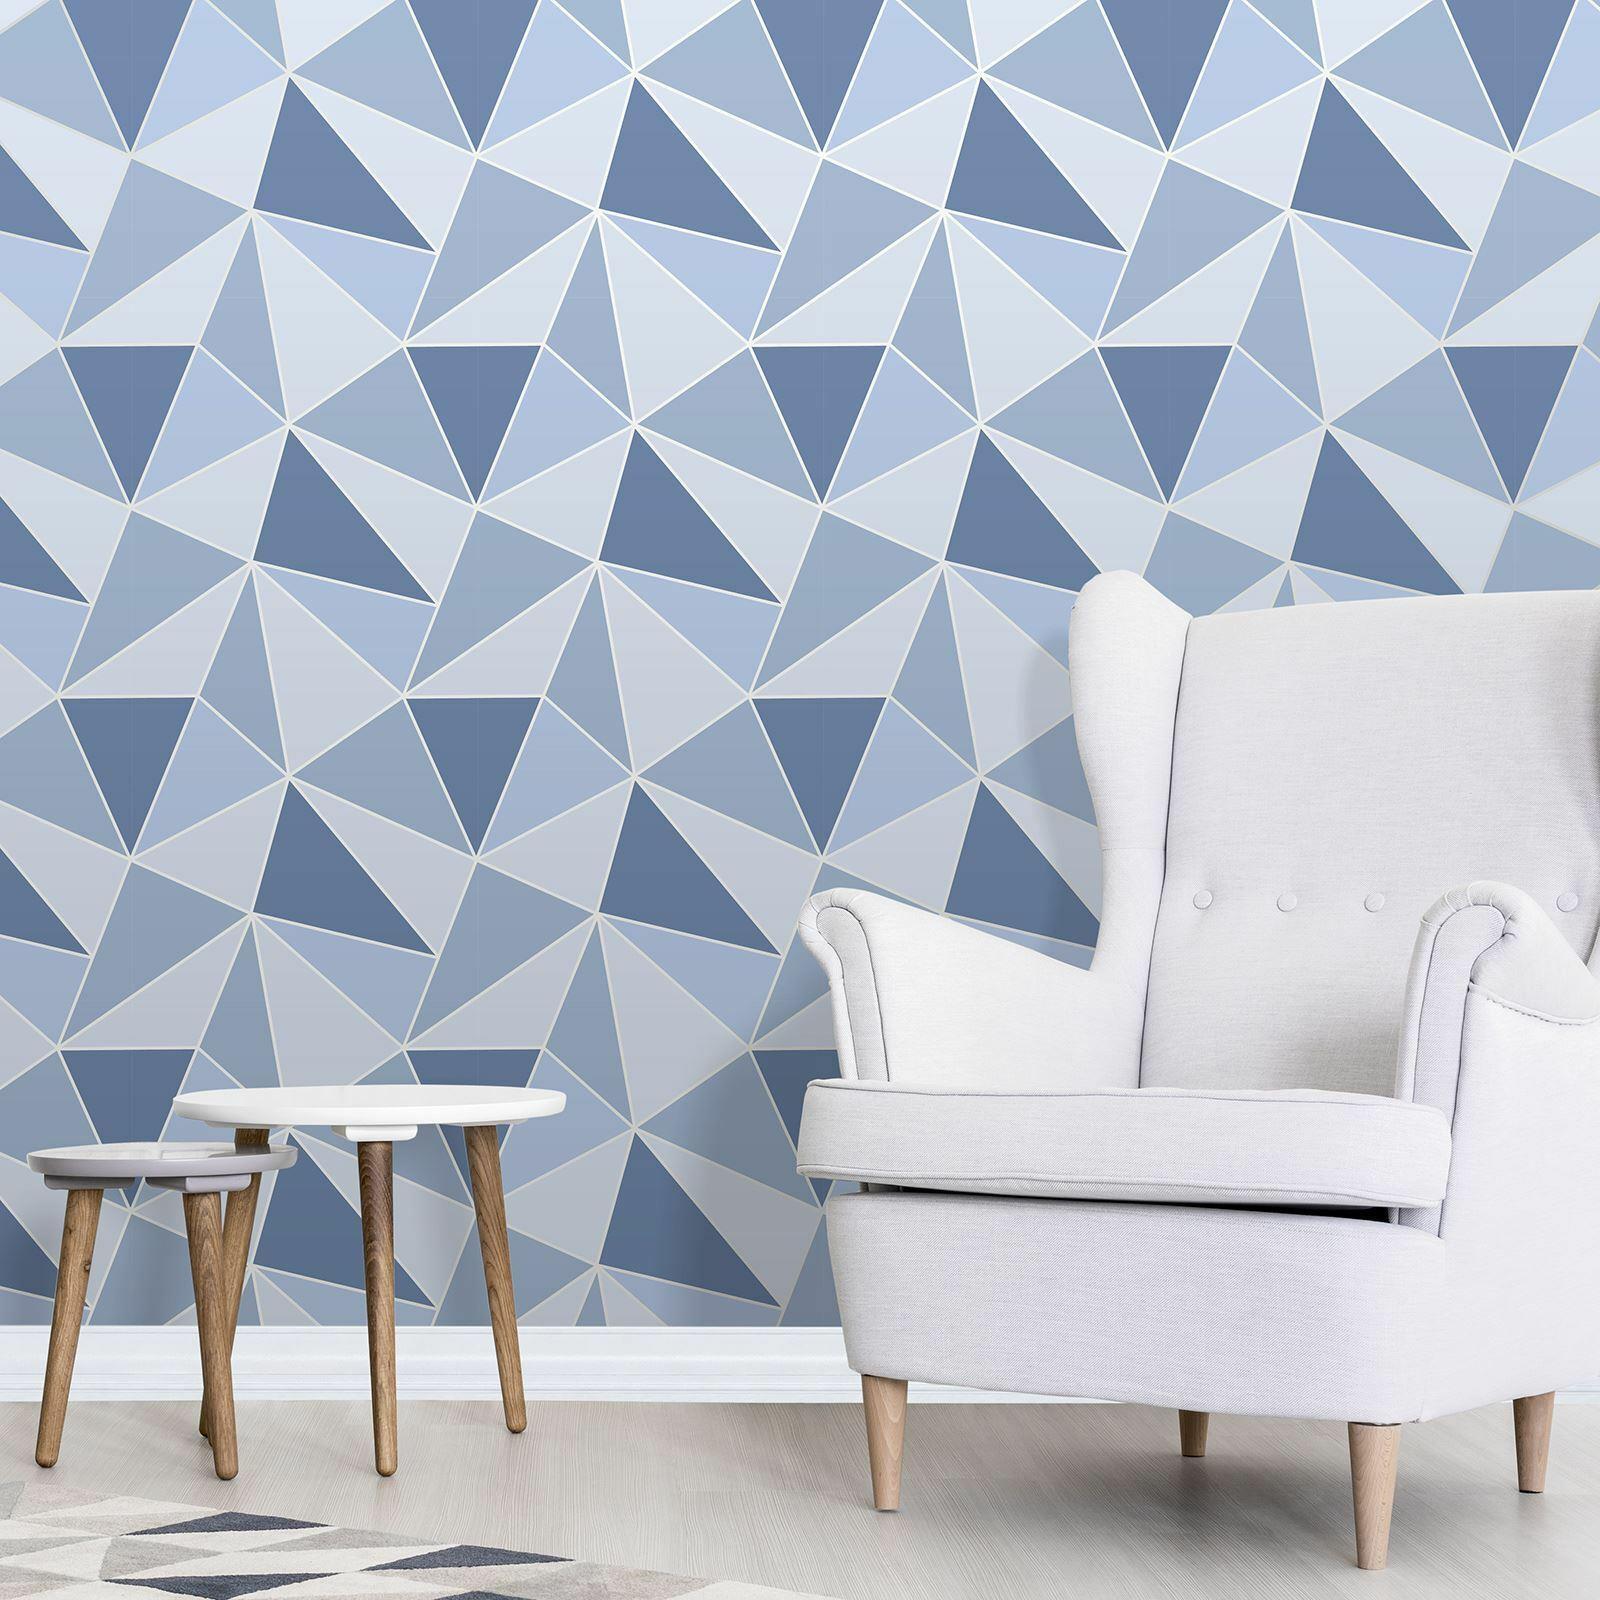 Geometric-Wallpaper-Metallic-Smooth-Textured-Apex-Triangles-Trellis-Diamonds thumbnail 3